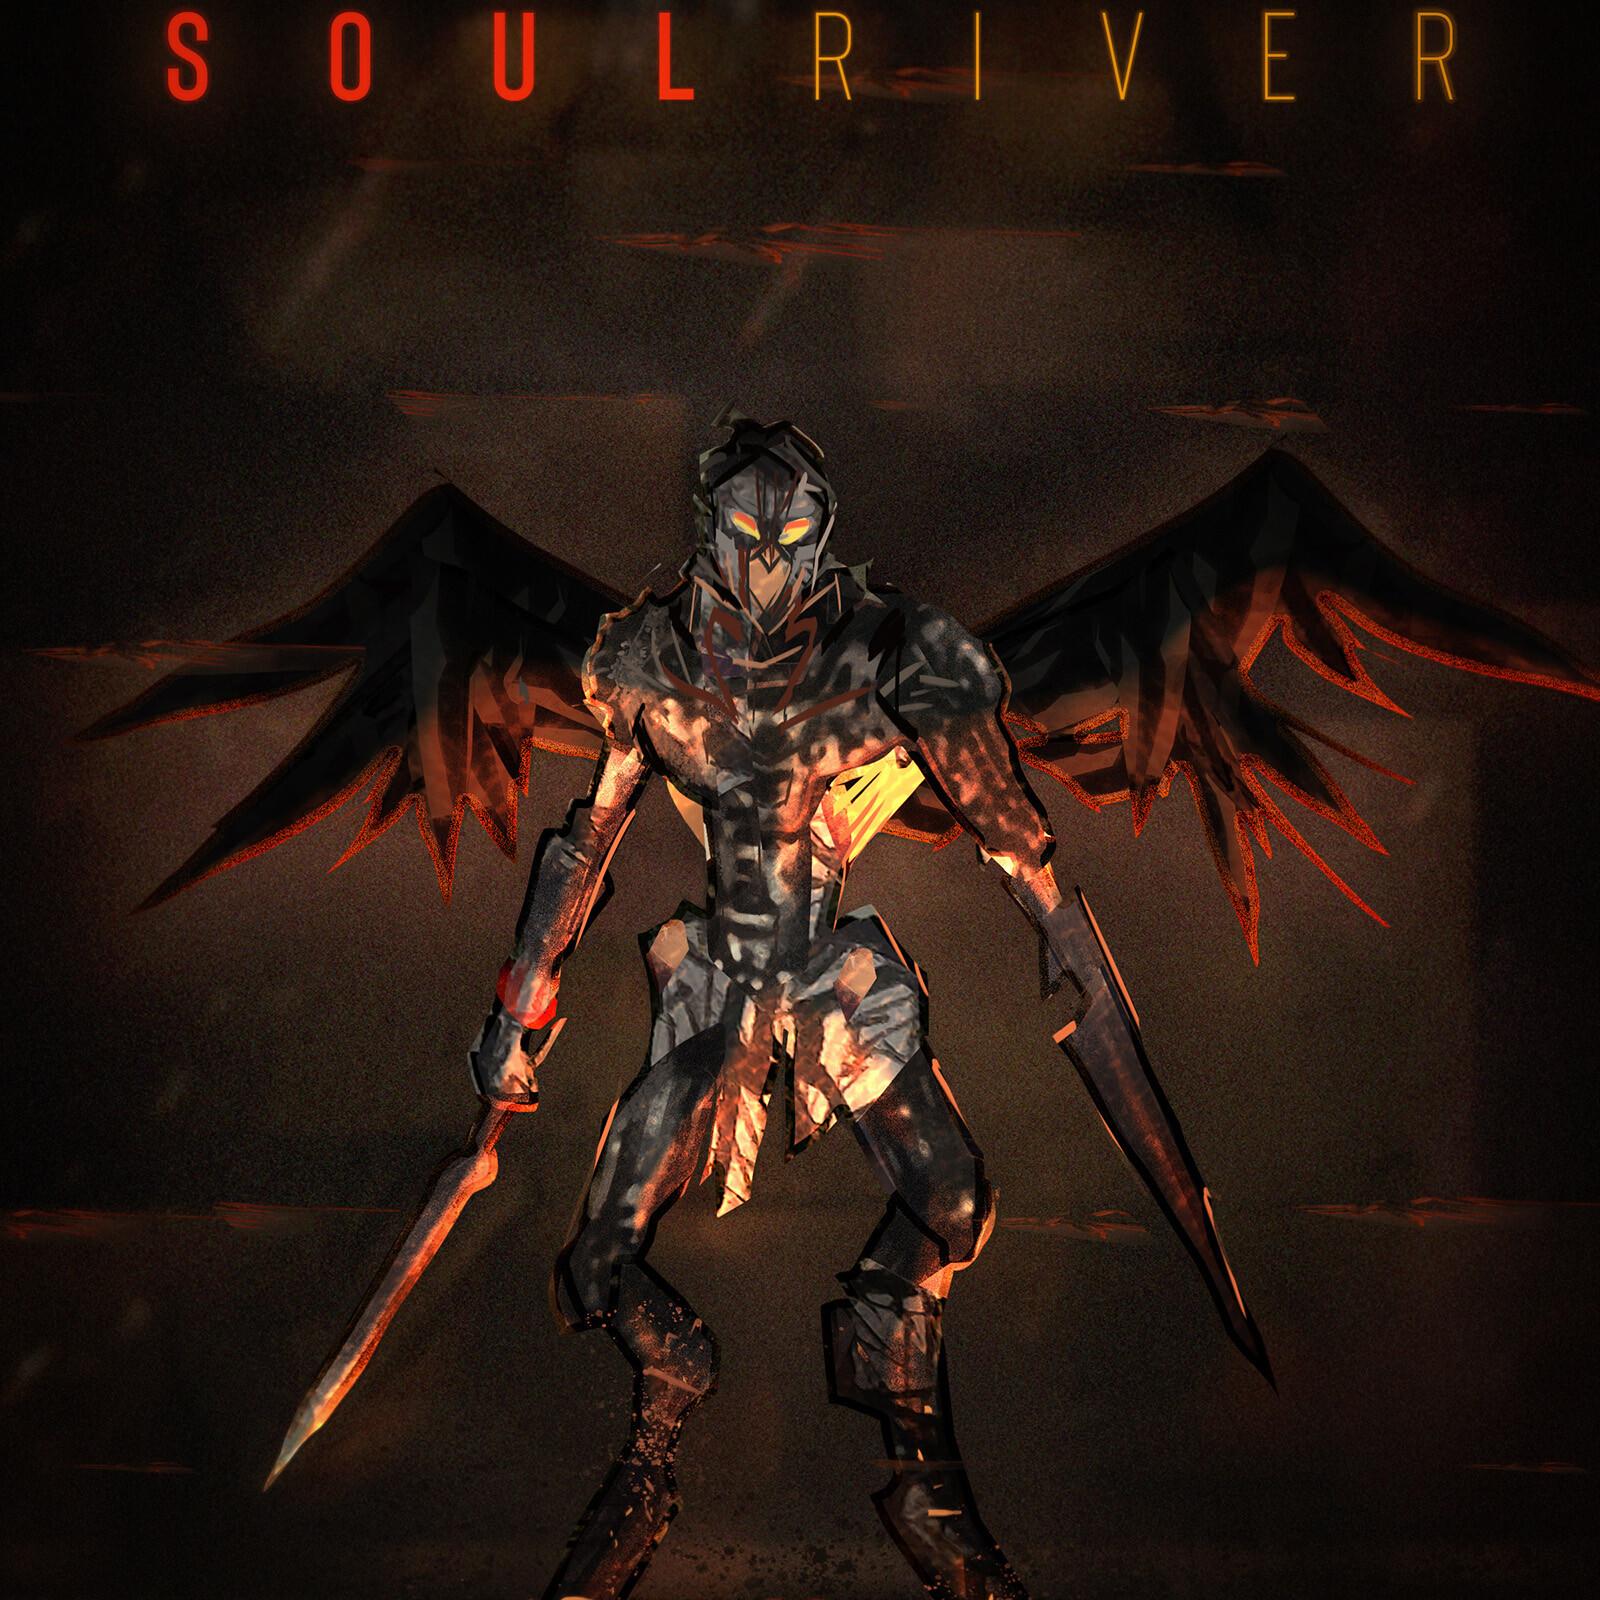 (Soul River]